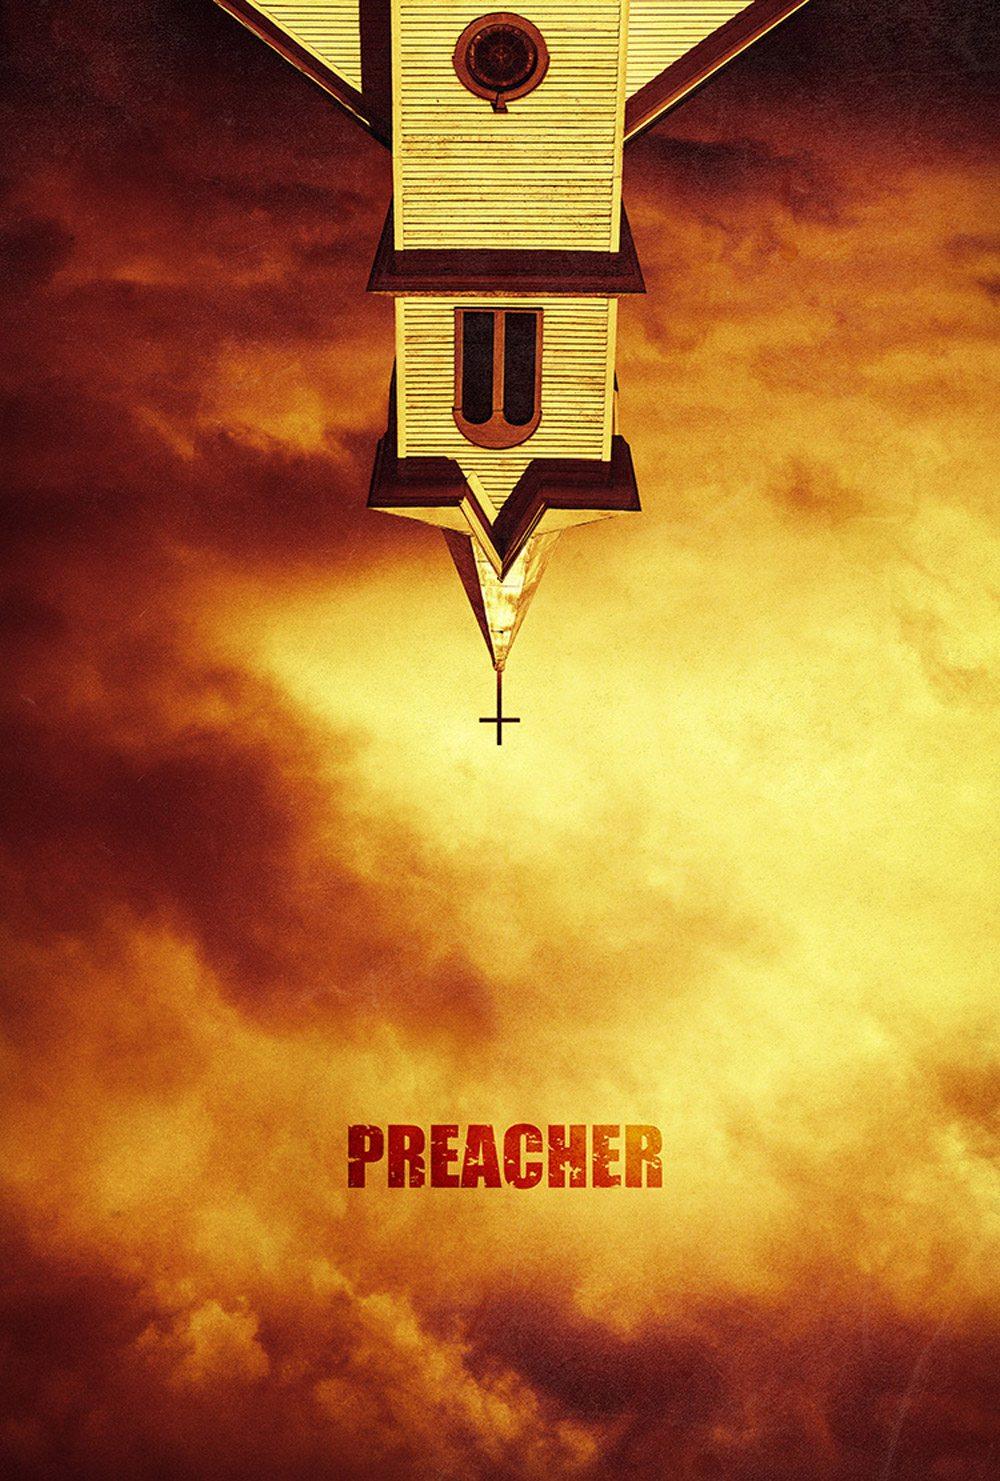 Preacher Photo